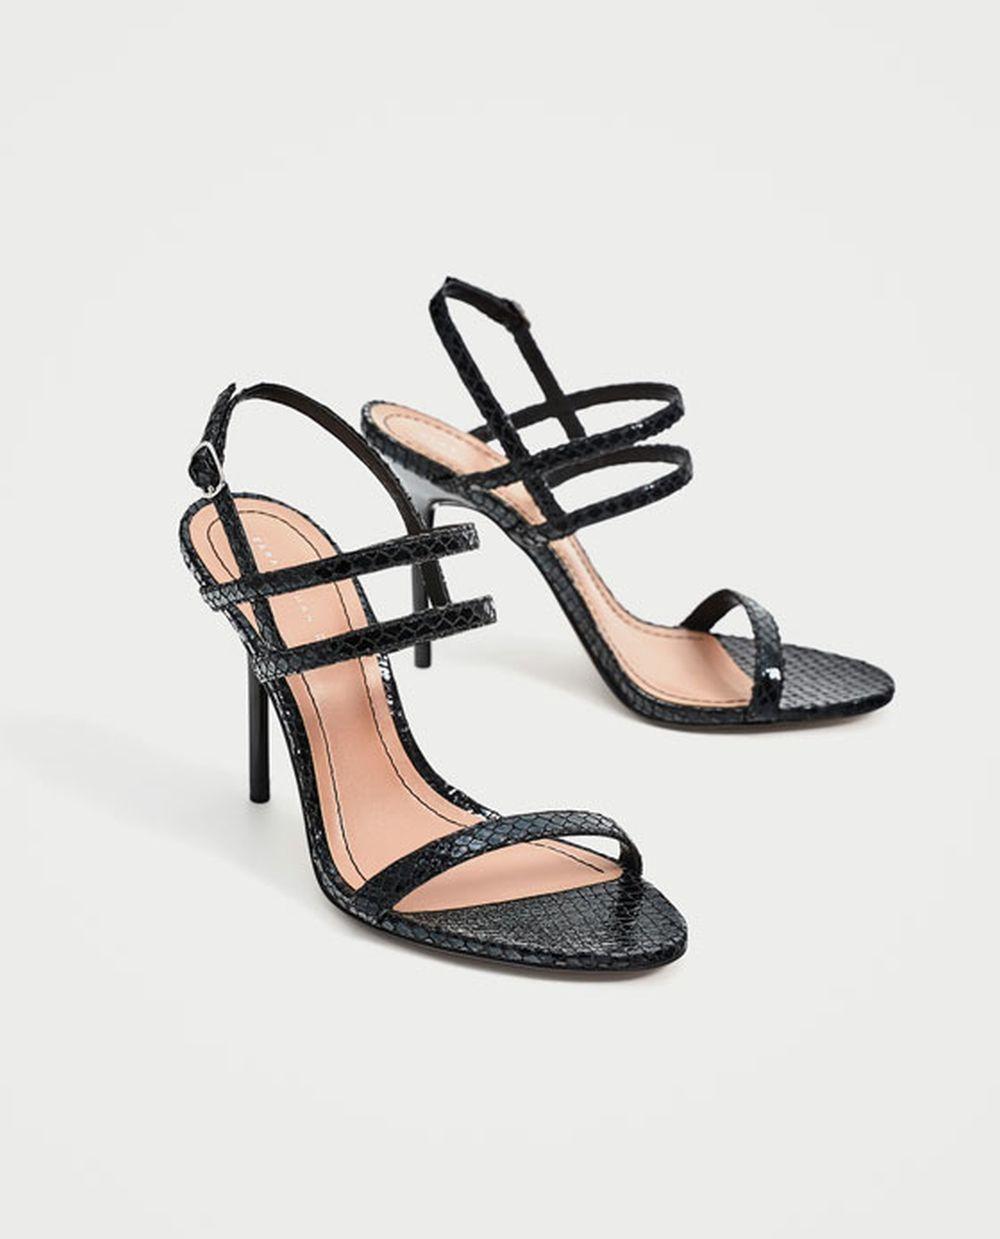 Sandalias de tacón de Zara (29,95 euros)